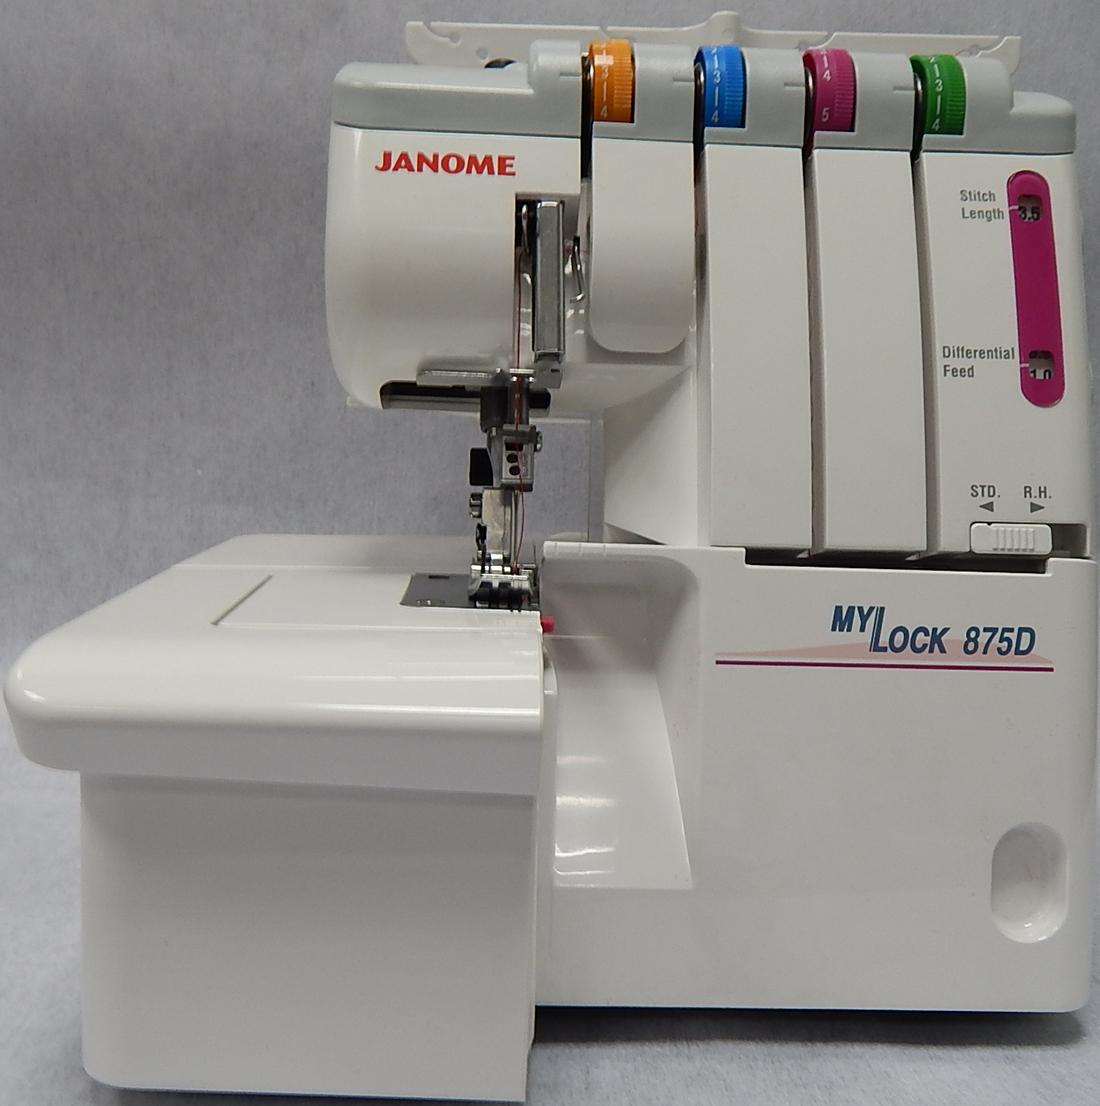 Петля для пуговицы на швейной машине Janome - Самошвейка 83